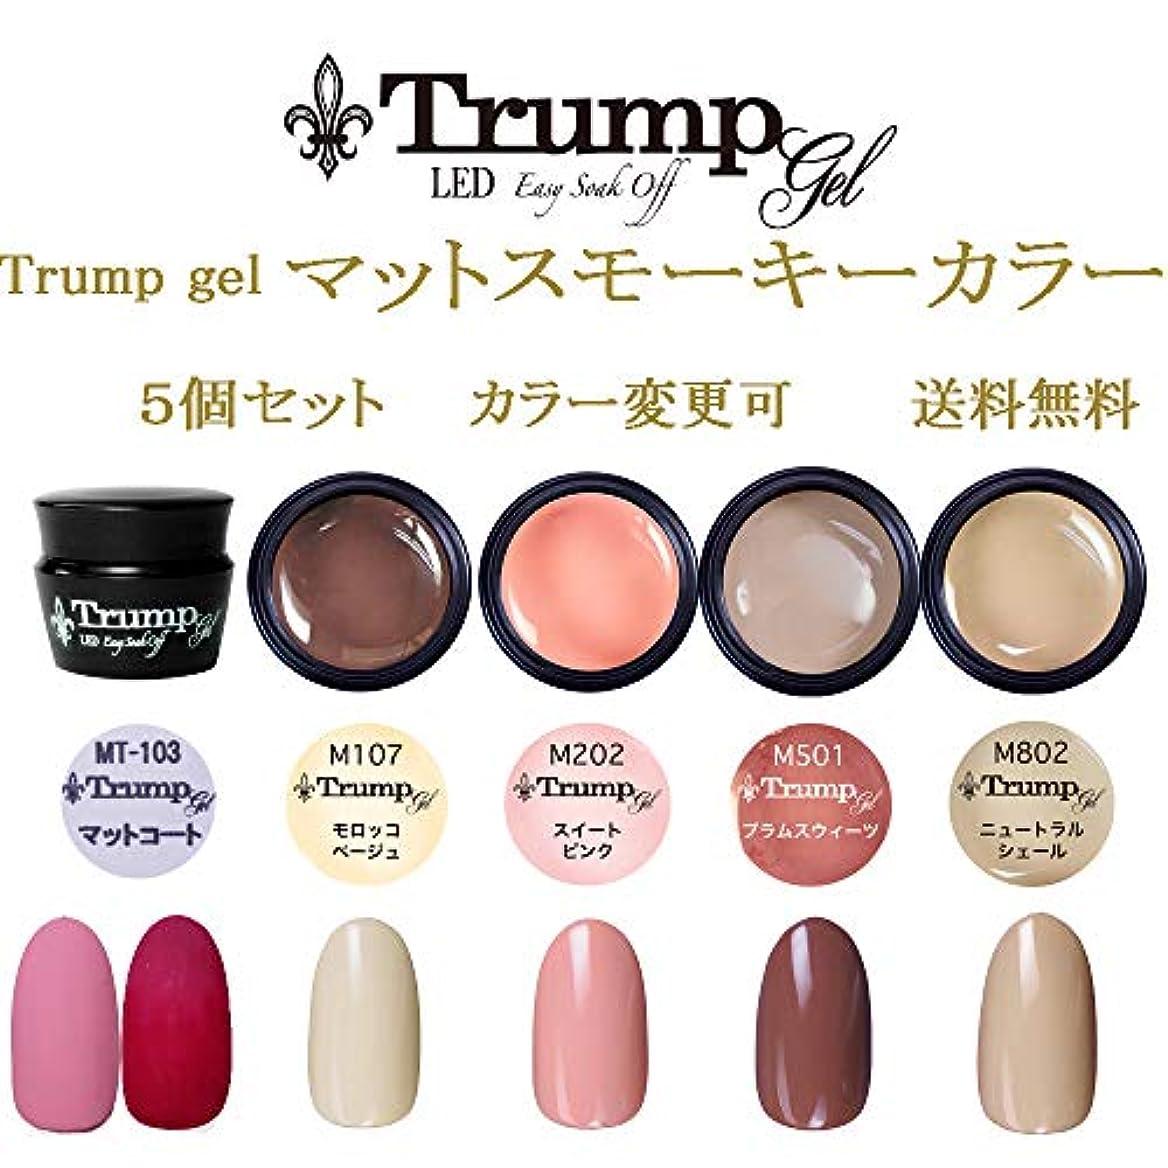 感謝祭ペチコート再現する【送料無料】Trumpマットスモーキーカラー選べる カラージェル5個セット